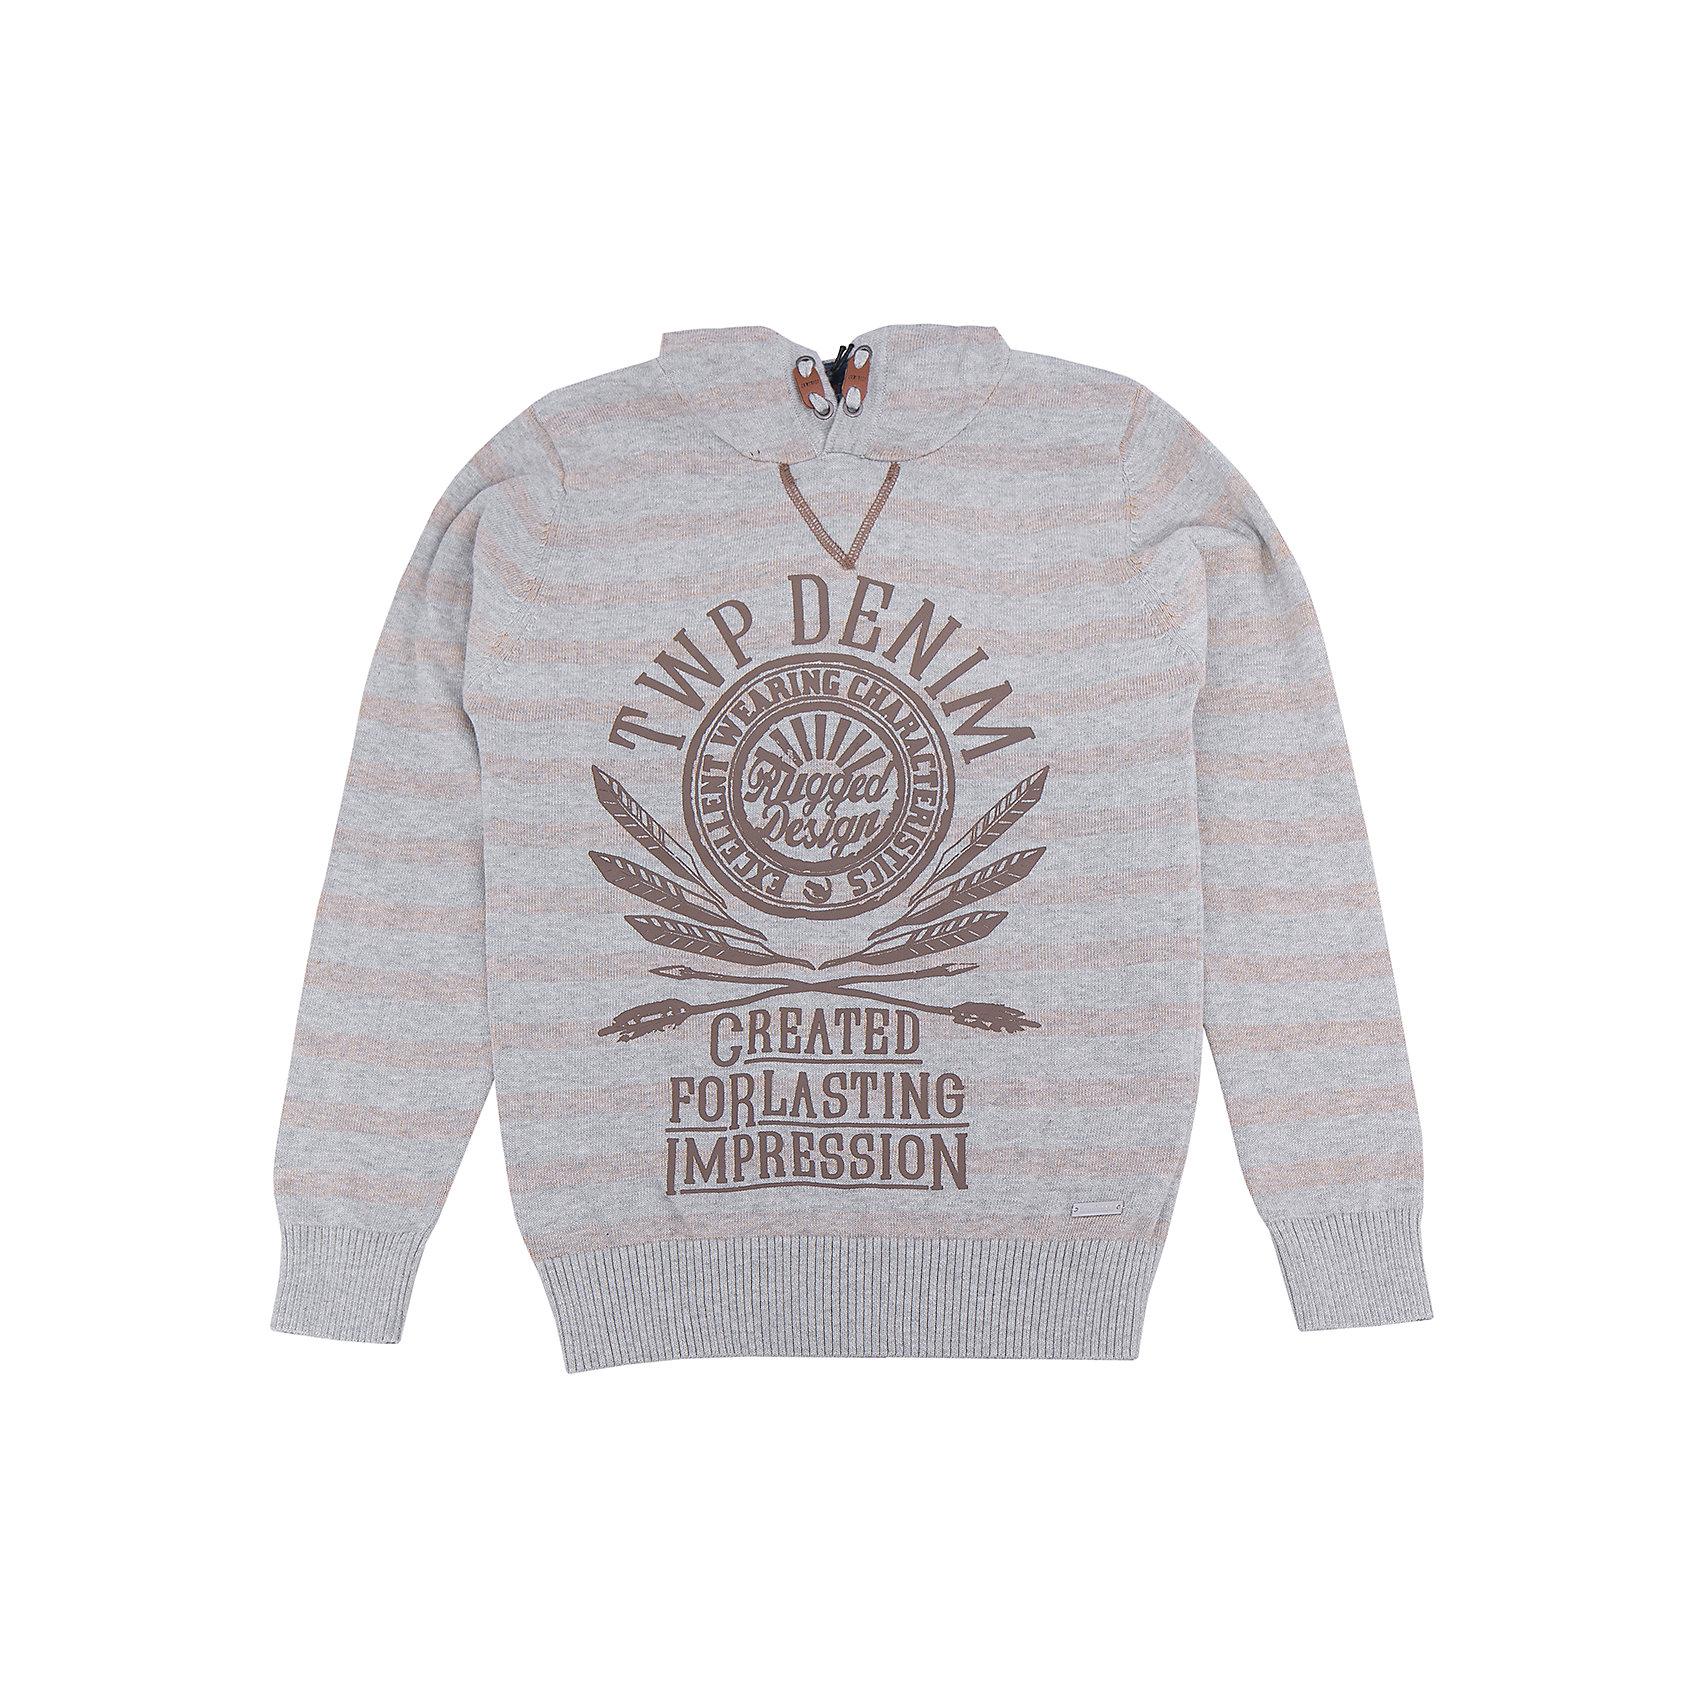 Толстовка для мальчика LuminosoТолстовки<br>Характеристики товара:<br><br>- цвет: серый;<br>- материал: 100% хлопок;<br>- капюшон;<br>- длинный рукав;<br>- принт.<br><br>Стильная одежда от бренда Luminoso (Люминосо), созданная при участии итальянских дизайнеров, учитывает потребности подростков и последние веяния моды. Она удобная и модная.<br>Эта стильный свитер идеальна для прохладной погоды. Он хорошо сидит на ребенке, обеспечивает комфорт и отлично сочетается с одежной разных стилей. Модель отличается высоким качеством материала и продуманным дизайном.<br><br>Свитер для мальчика от бренда Luminoso (Люминосо) можно купить в нашем интернет-магазине.<br><br>Ширина мм: 190<br>Глубина мм: 74<br>Высота мм: 229<br>Вес г: 236<br>Цвет: серый<br>Возраст от месяцев: 156<br>Возраст до месяцев: 168<br>Пол: Мужской<br>Возраст: Детский<br>Размер: 164,134,140,146,152,158<br>SKU: 4930907